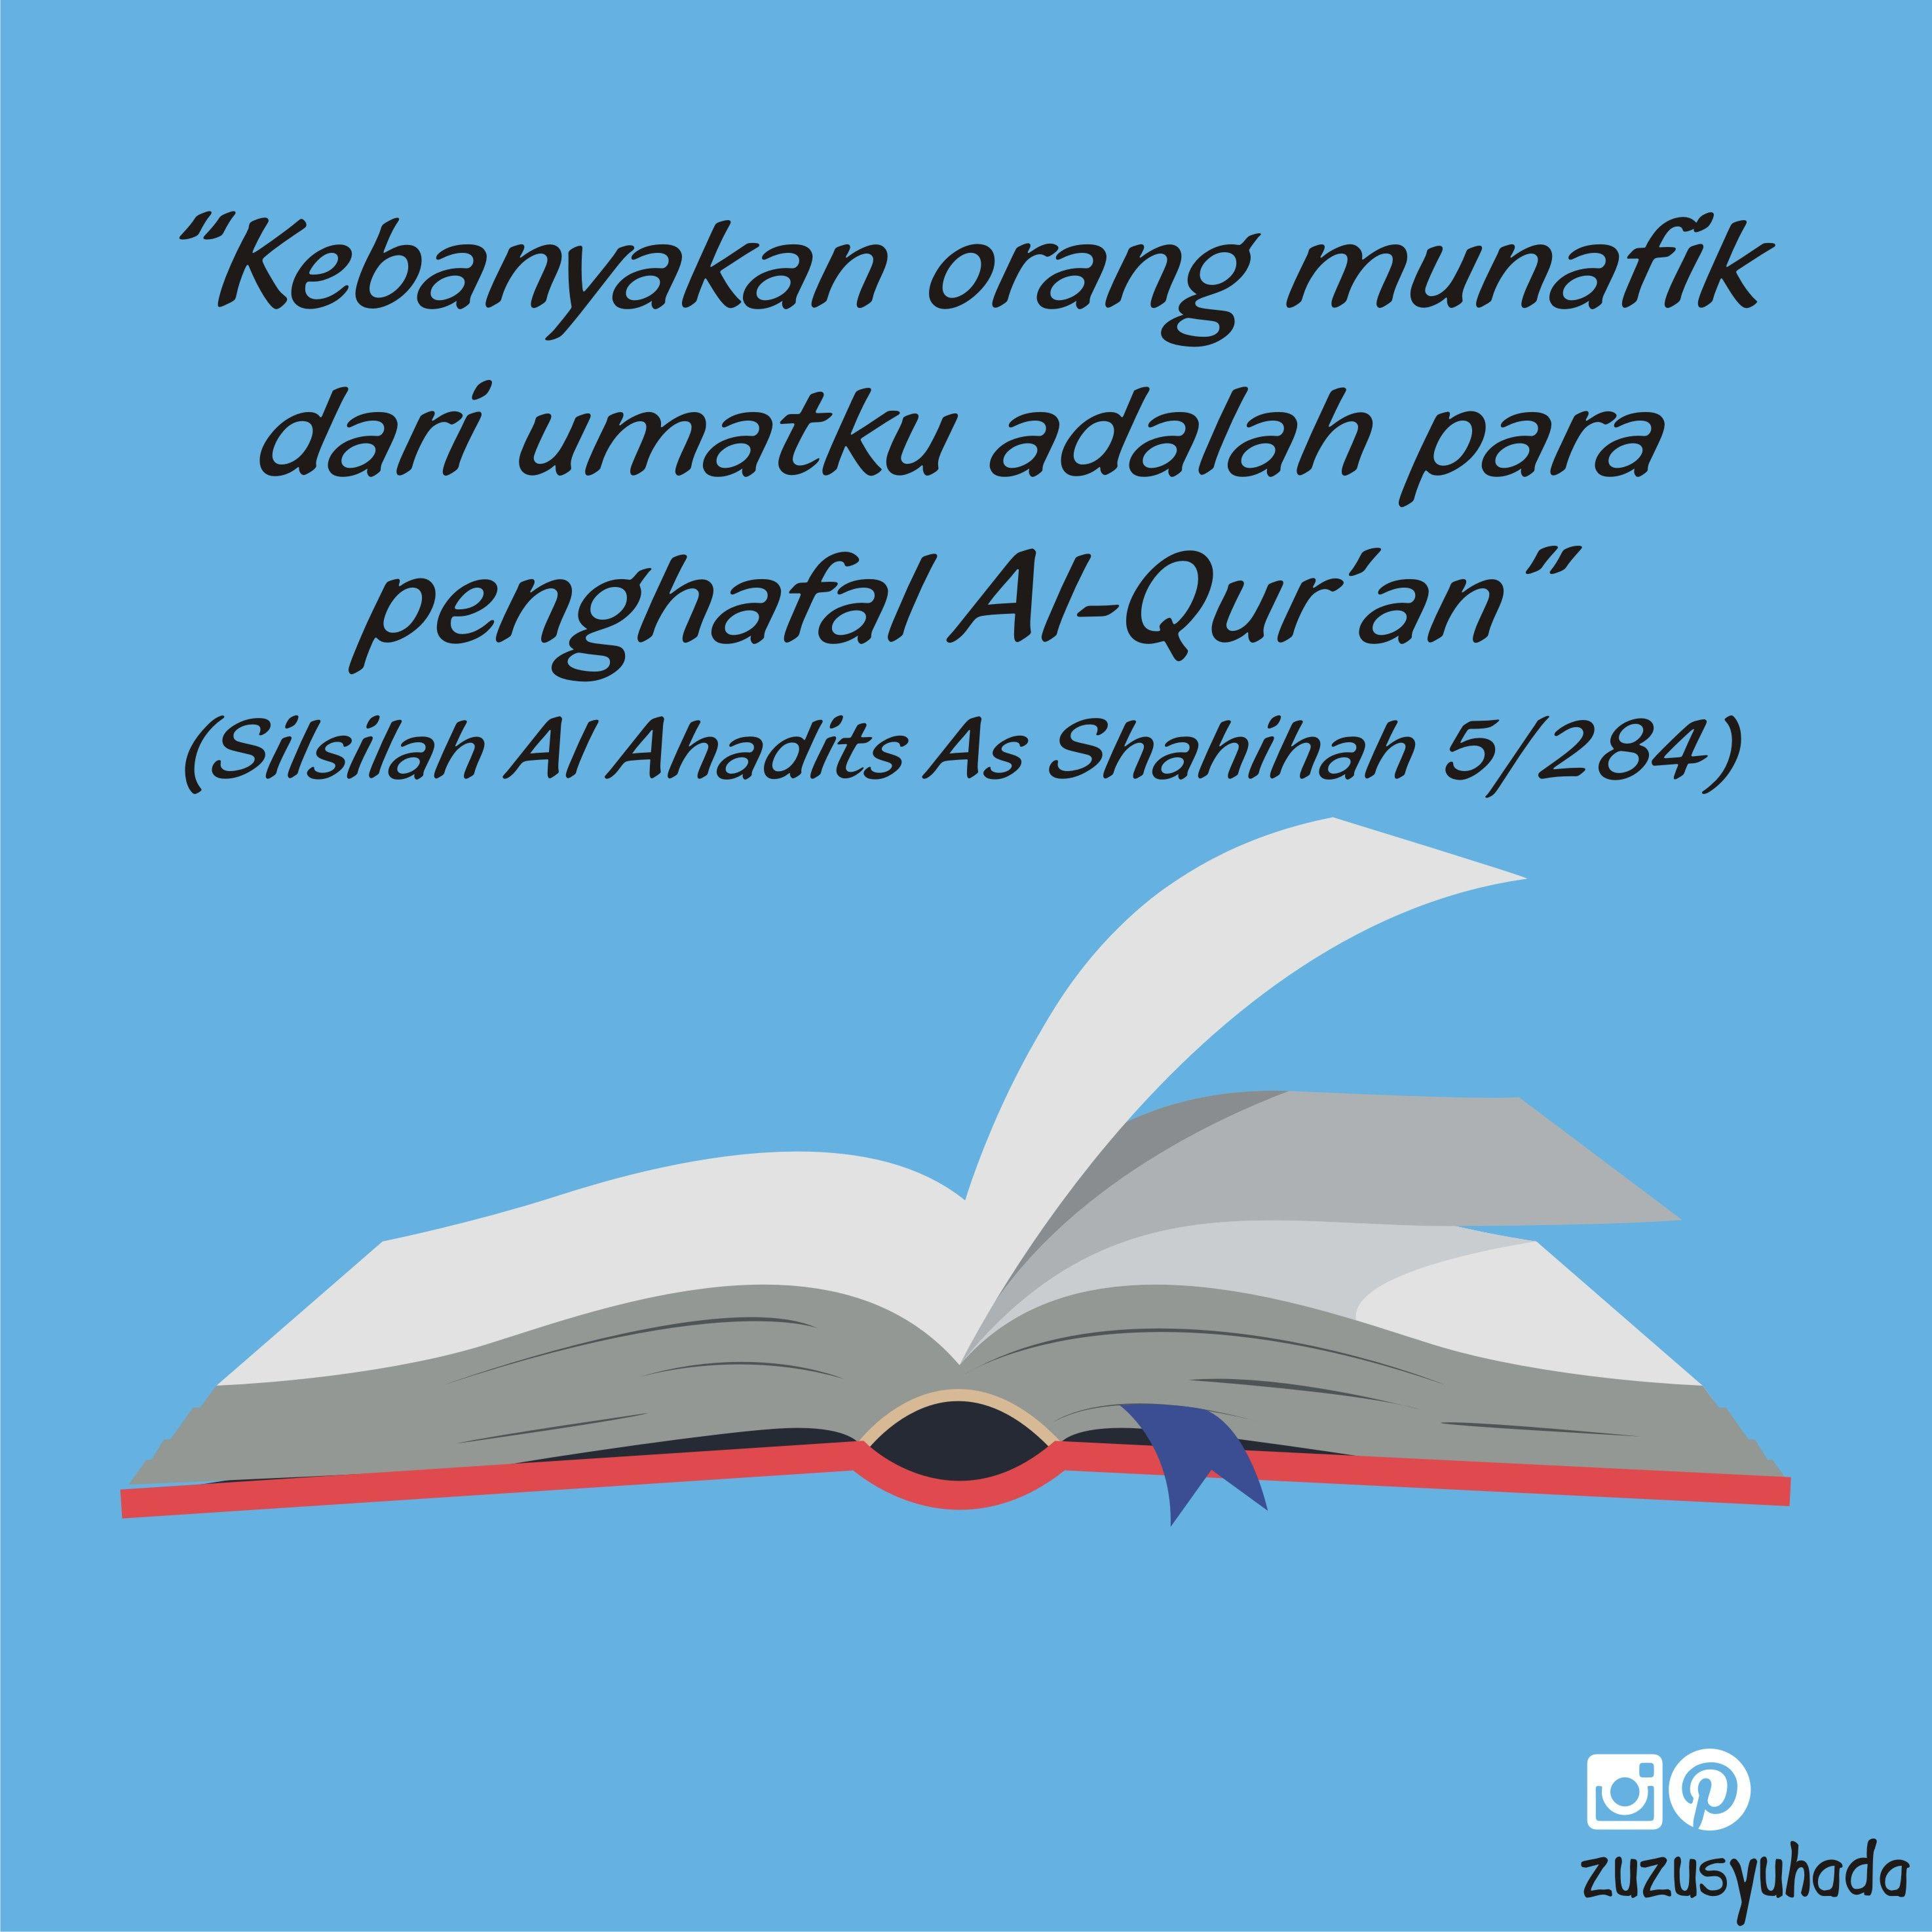 Siapakah Yang Dimaksud Dengan Para Penghafal Quran Di Sini Mereka Adalah Orang Yang Menghafal Quran Tanpa Memiliki Komitmen Kata Kata Motivasi Motivasi Quran